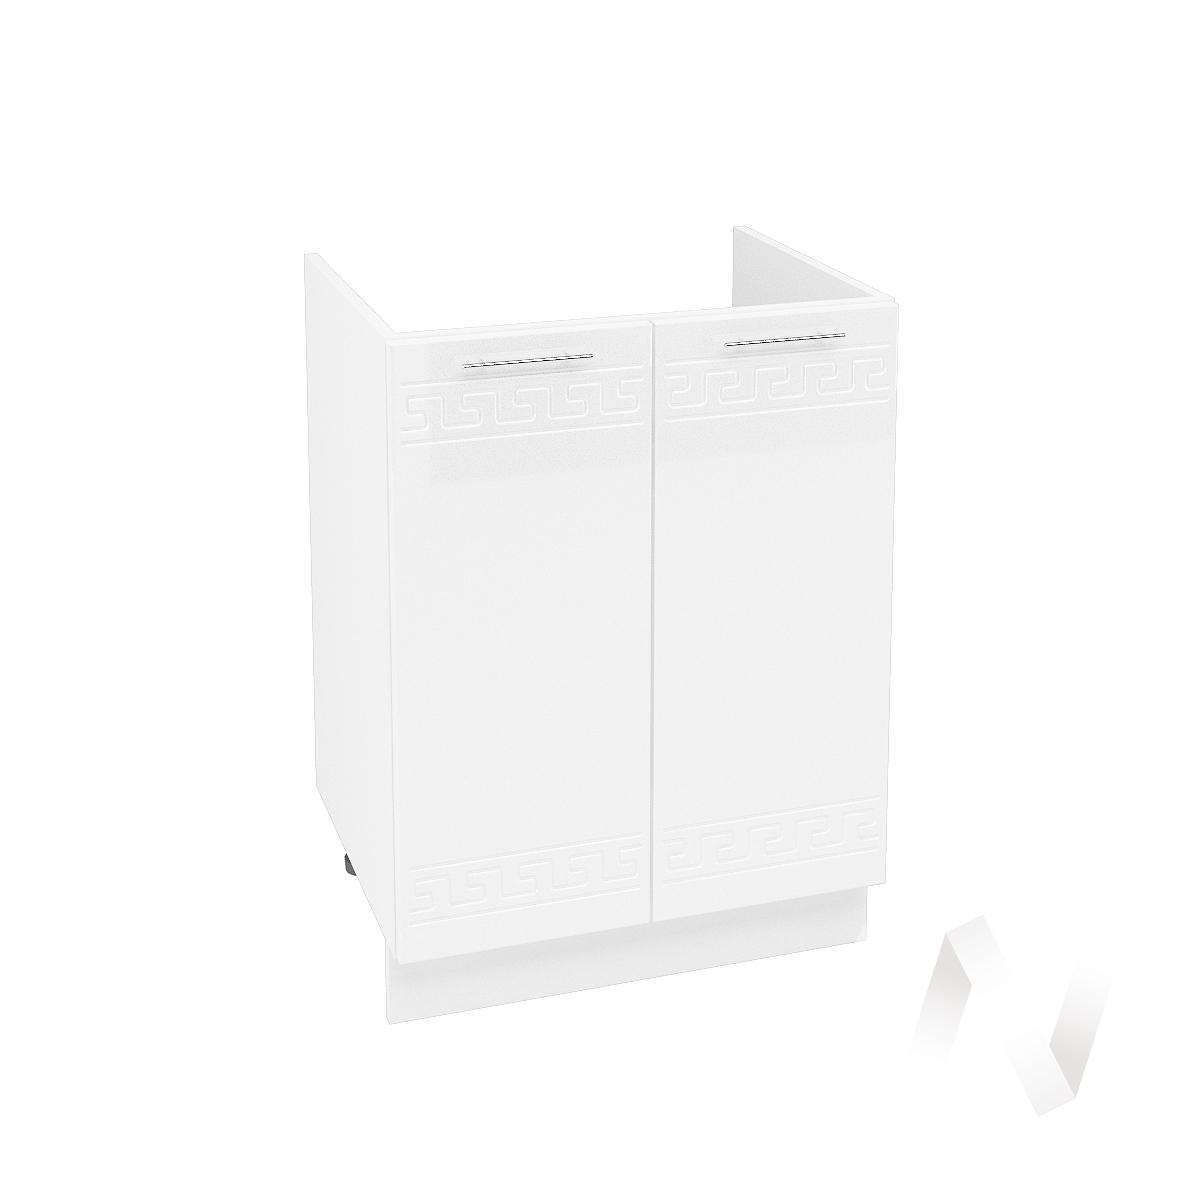 """Кухня """"Греция"""": Шкаф нижний под мойку 600, ШНМ 600 (белый металлик/корпус белый)"""